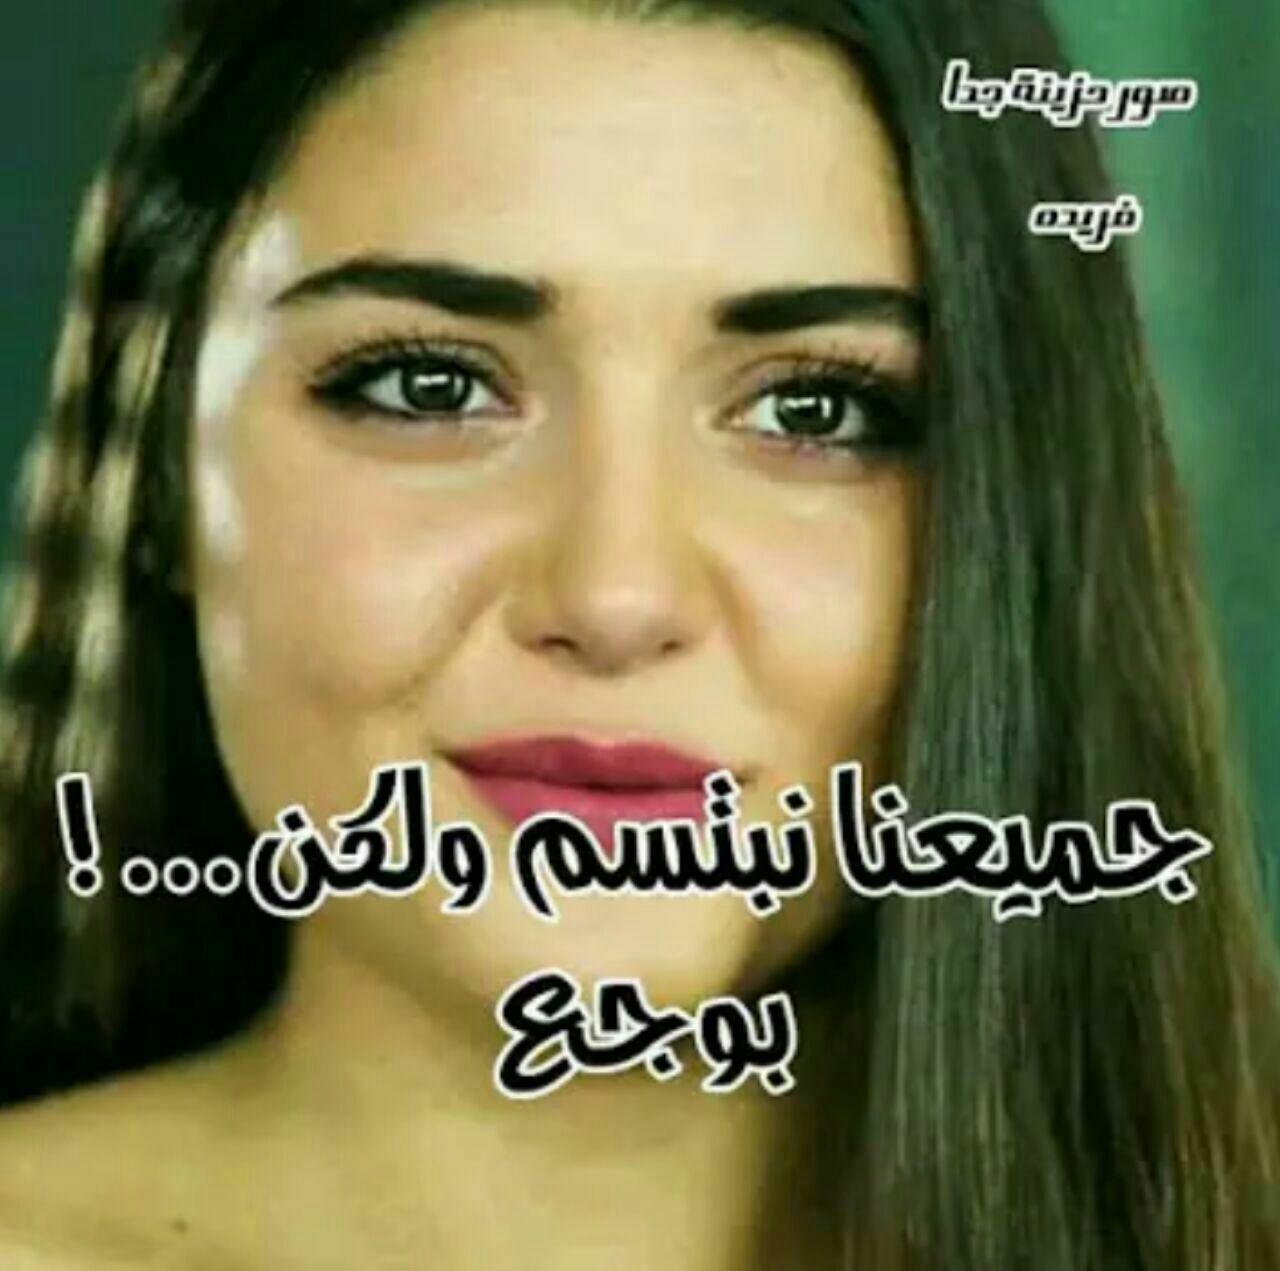 صور انا مخنوق 2018 صور كلام مخنوق للفيس مصراوى الشامل